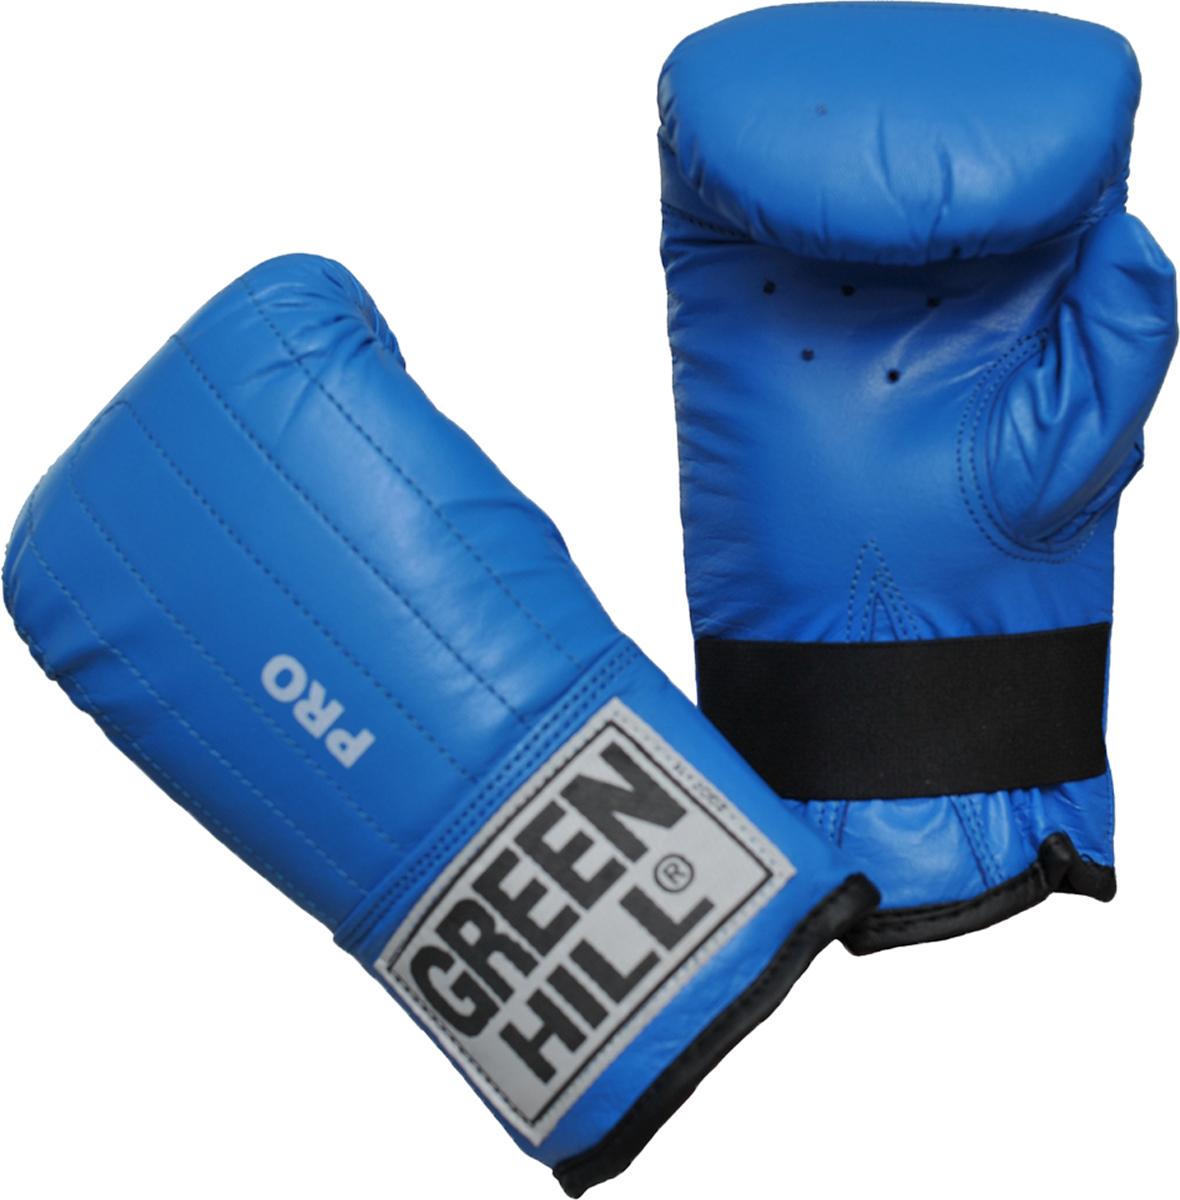 """Перчатки для единоборств Green Hill Pro, цвет: синий. Размер MPMP-2064Снарядные перчатки серии """"Pro"""" («блинчики»). Легкие и удобные снарядные перчатки для отработки ударов. Шингарты обеспечивают комфортное использование в любых направлениях : отработка ударов в зале, дома, или фитнес-центре, легкие спарринги. Выполнены из натуральной кожи, манжет на резинке.Размеры:Замерьте обхват ладони сантиметровой лентой в наиболее широком месте, исключив при этом большой палец рукиРазмер: S M L XLОбхват ладони, см. 17-18 18-19 19-22 23-27"""